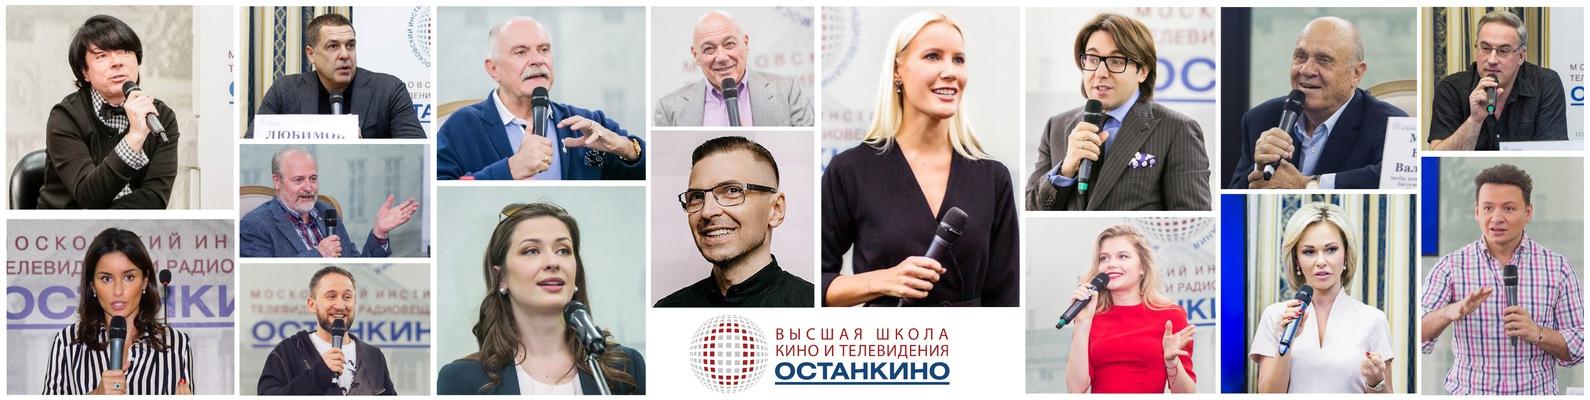 родителей методами курсы телеведущих новостей в москве останкино также ней говорится